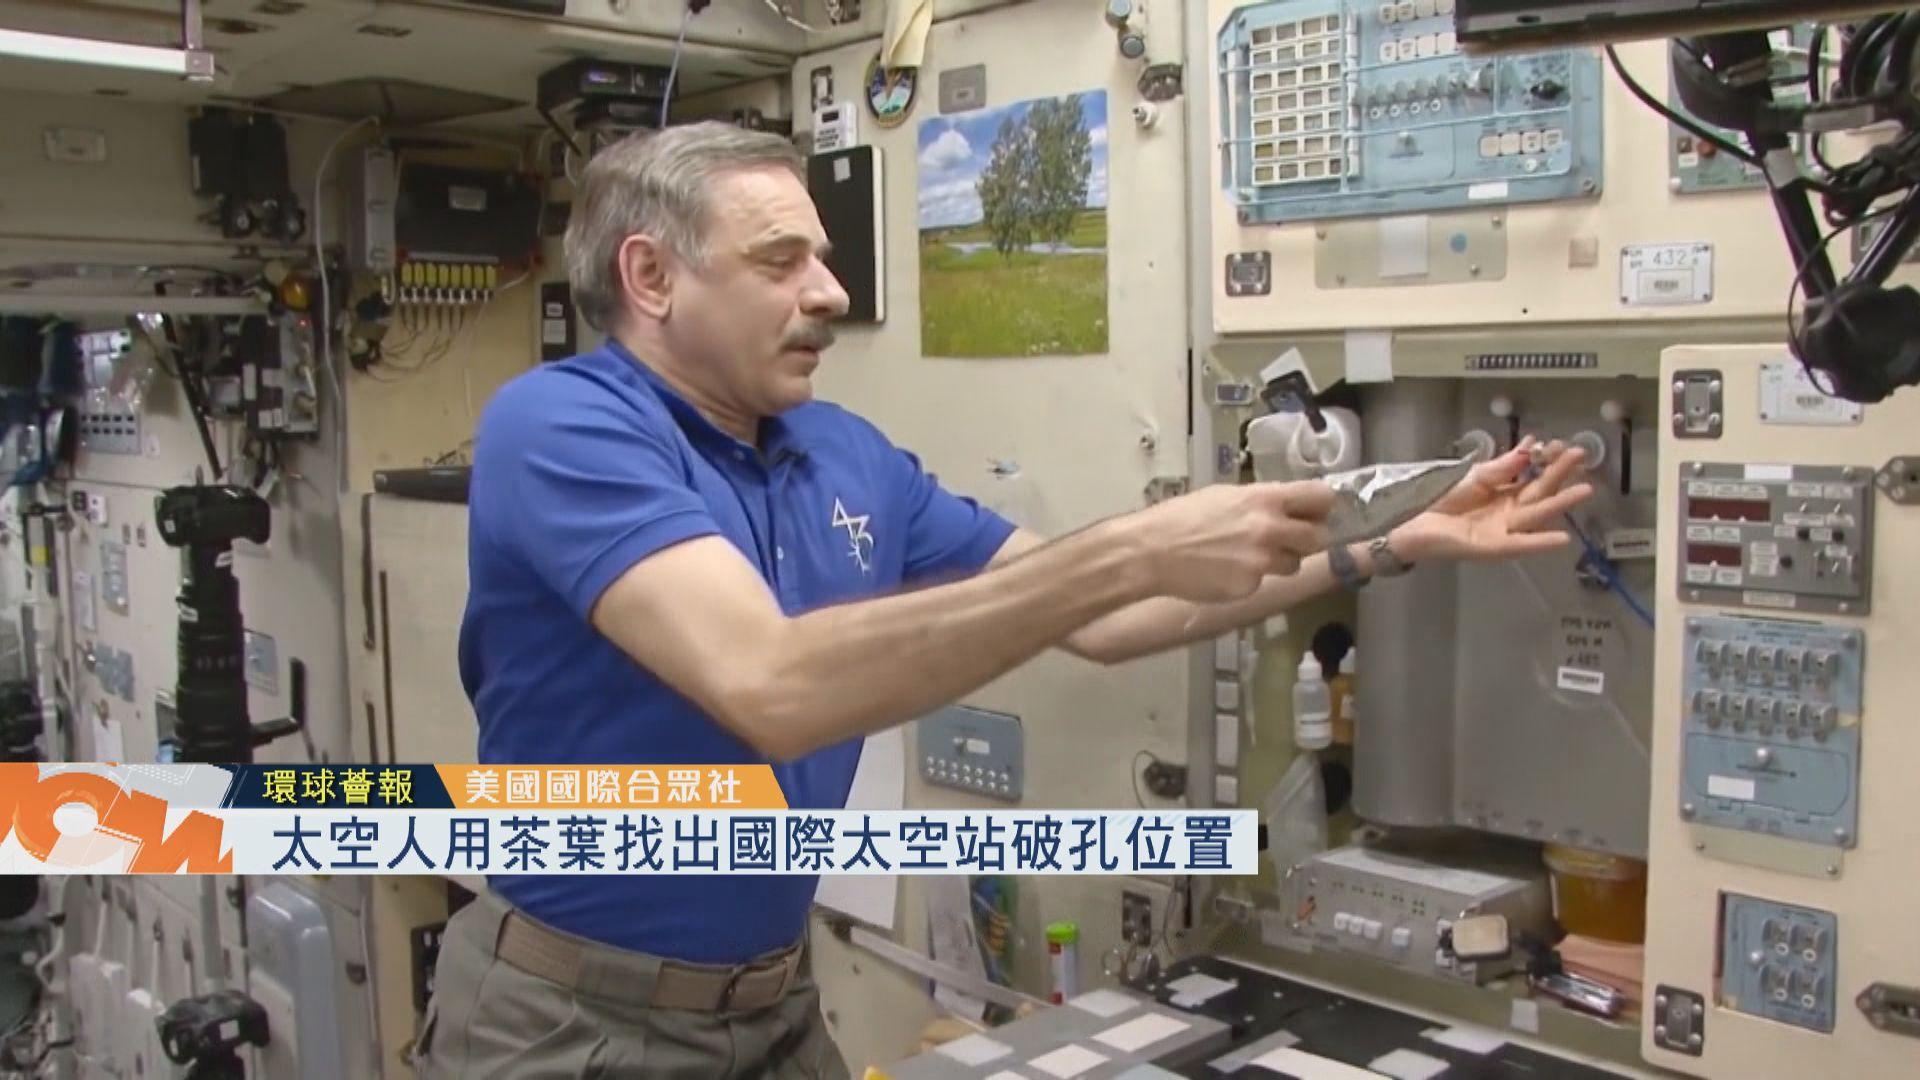 【環球薈報】太空人用茶葉找出國際太空站破孔位置